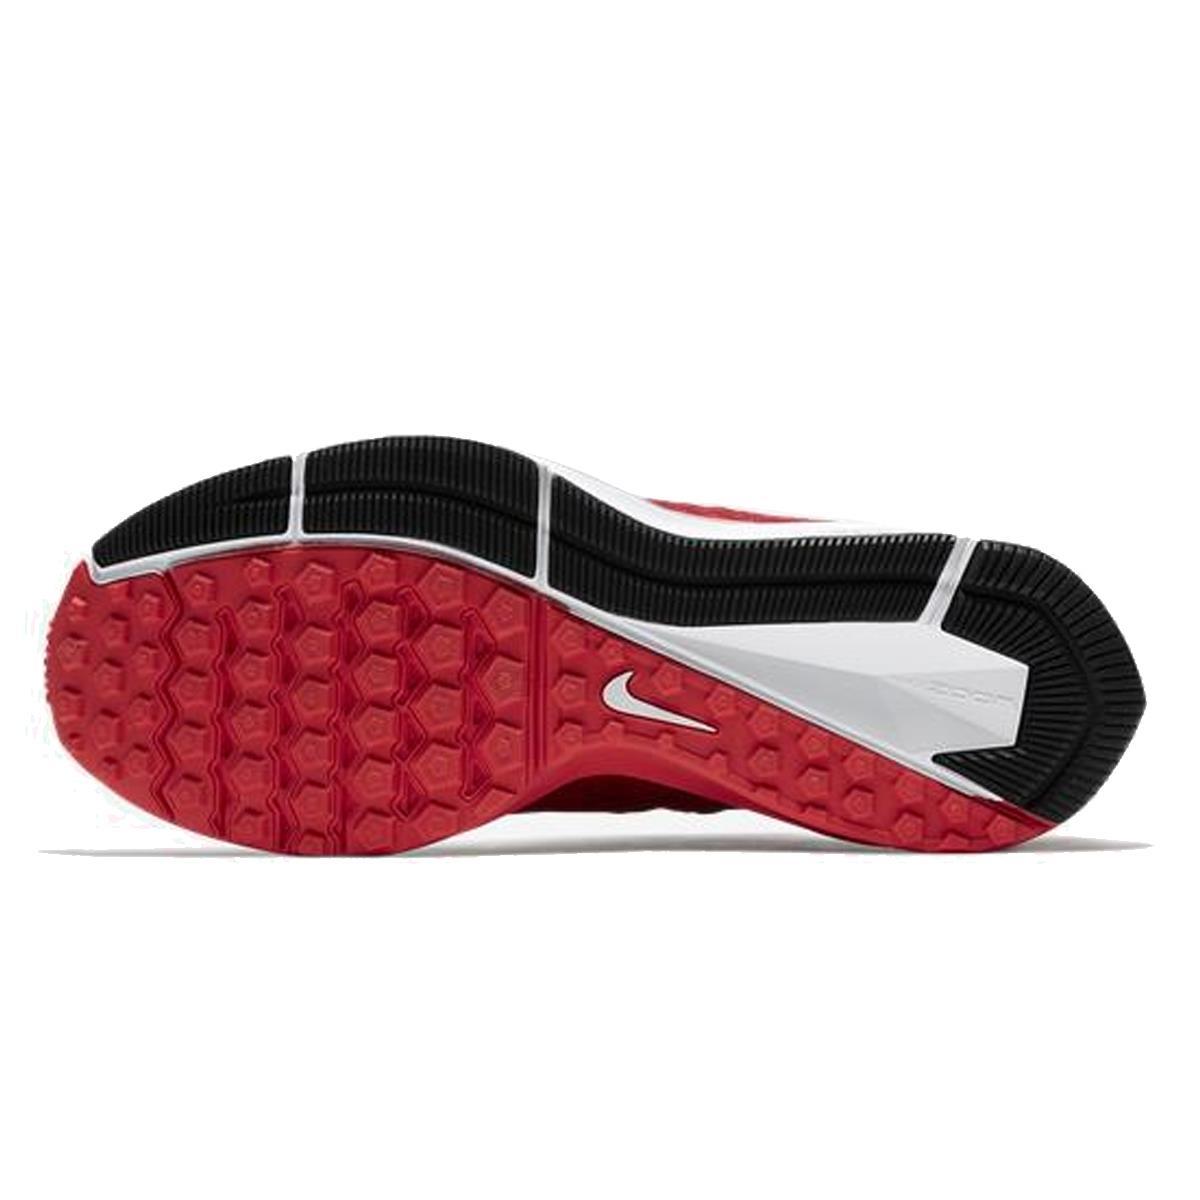 e66f2654b Tênis Nike Zoom Winflo 5 Masculino